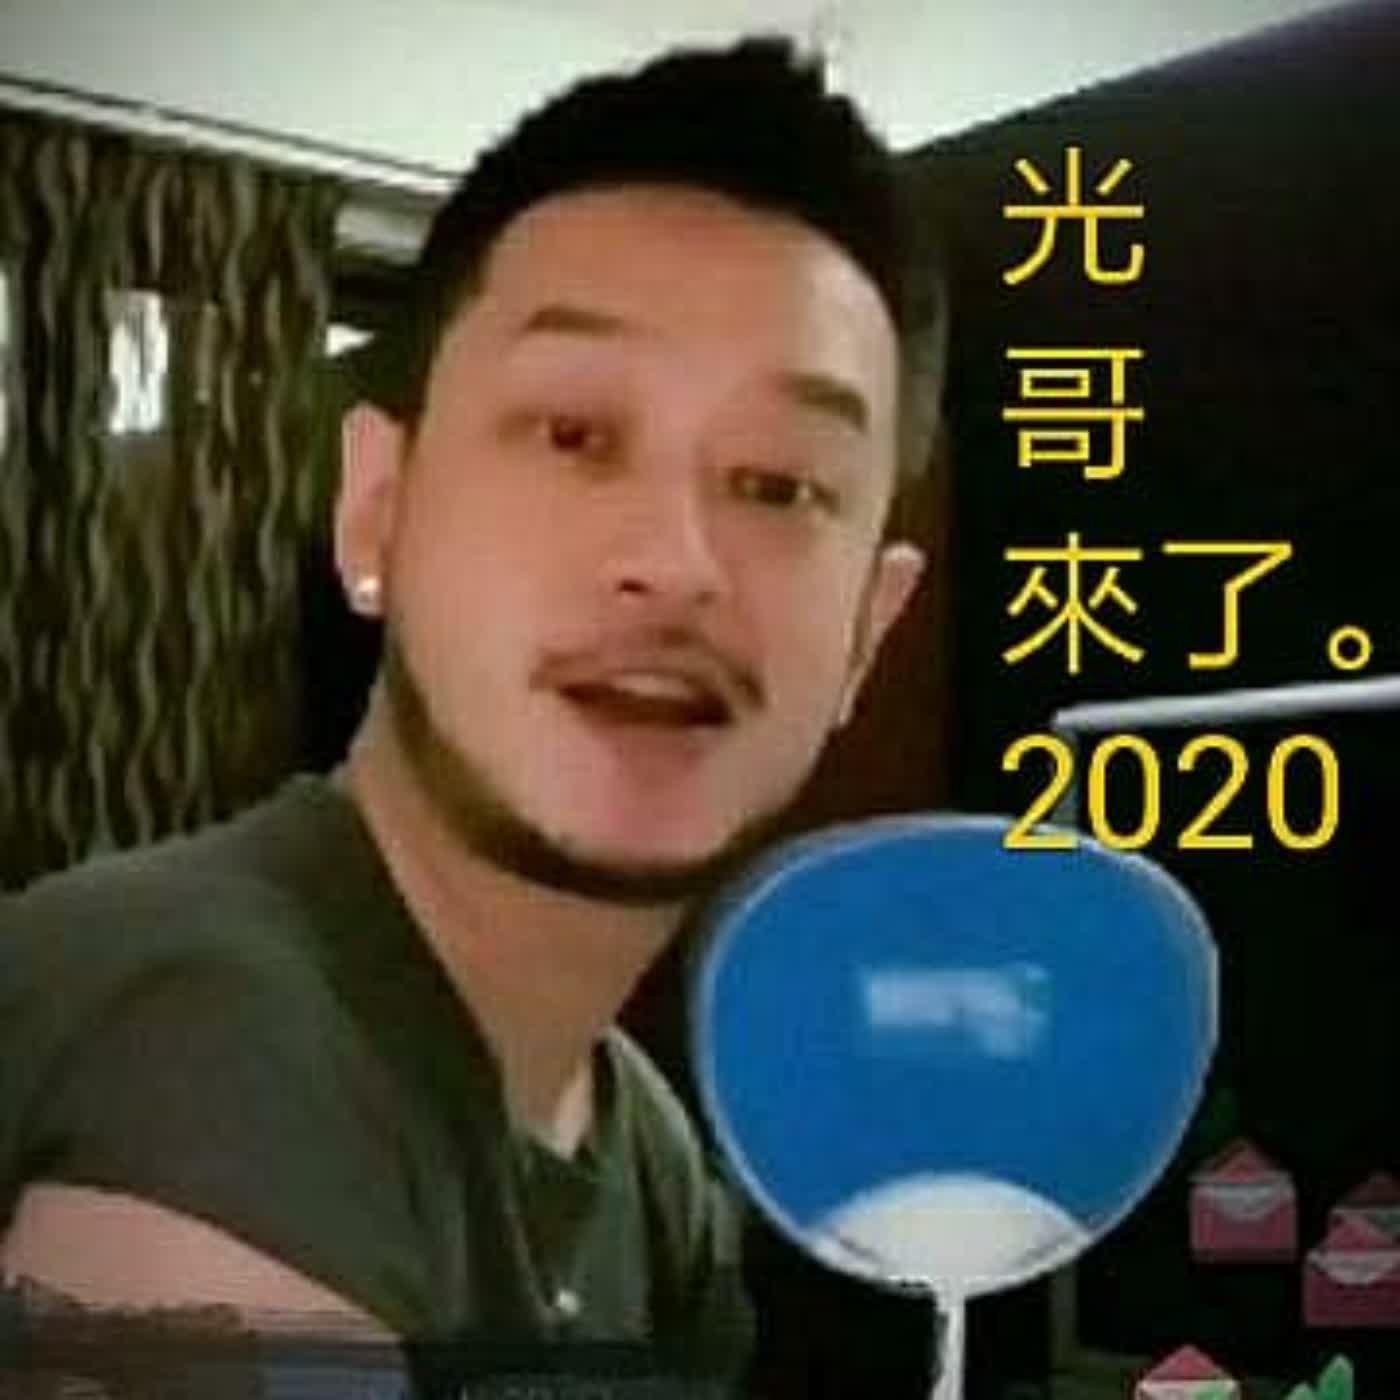 2021最新版 [塔羅大王001] 新的一年運勢如何?愛情工作財運注意什麼?新年快樂(小光老師占卜